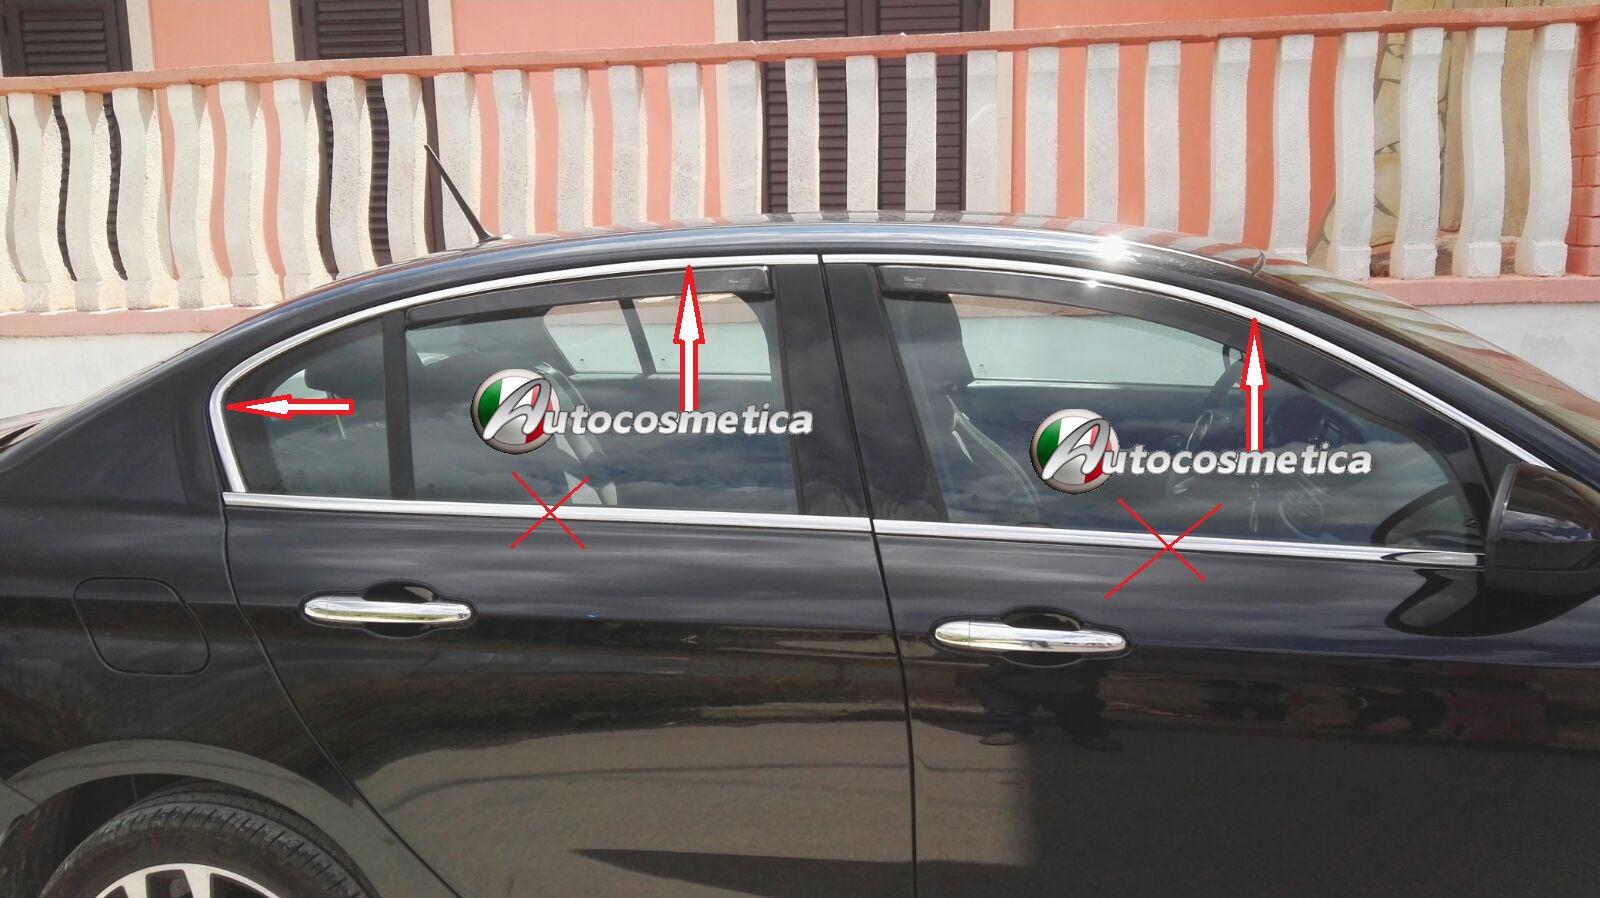 Set 12 Cover Cornici Finestrini Raschiavetri Acciaio Cromo Fiat Tipo SW 2016/>